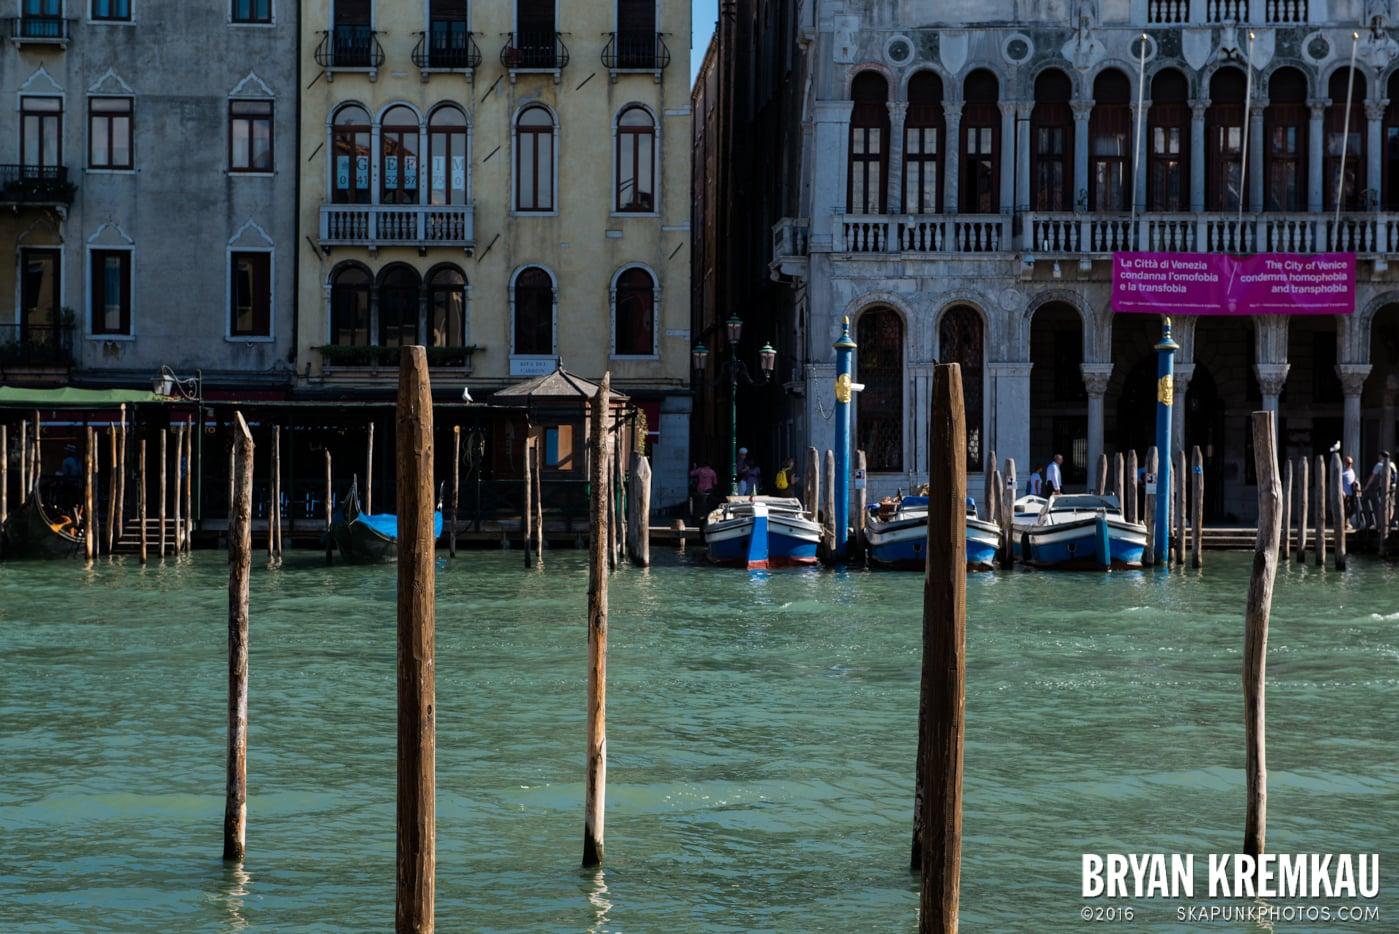 Italy Vacation - Day 4: Venice - 9.12.13 (45)